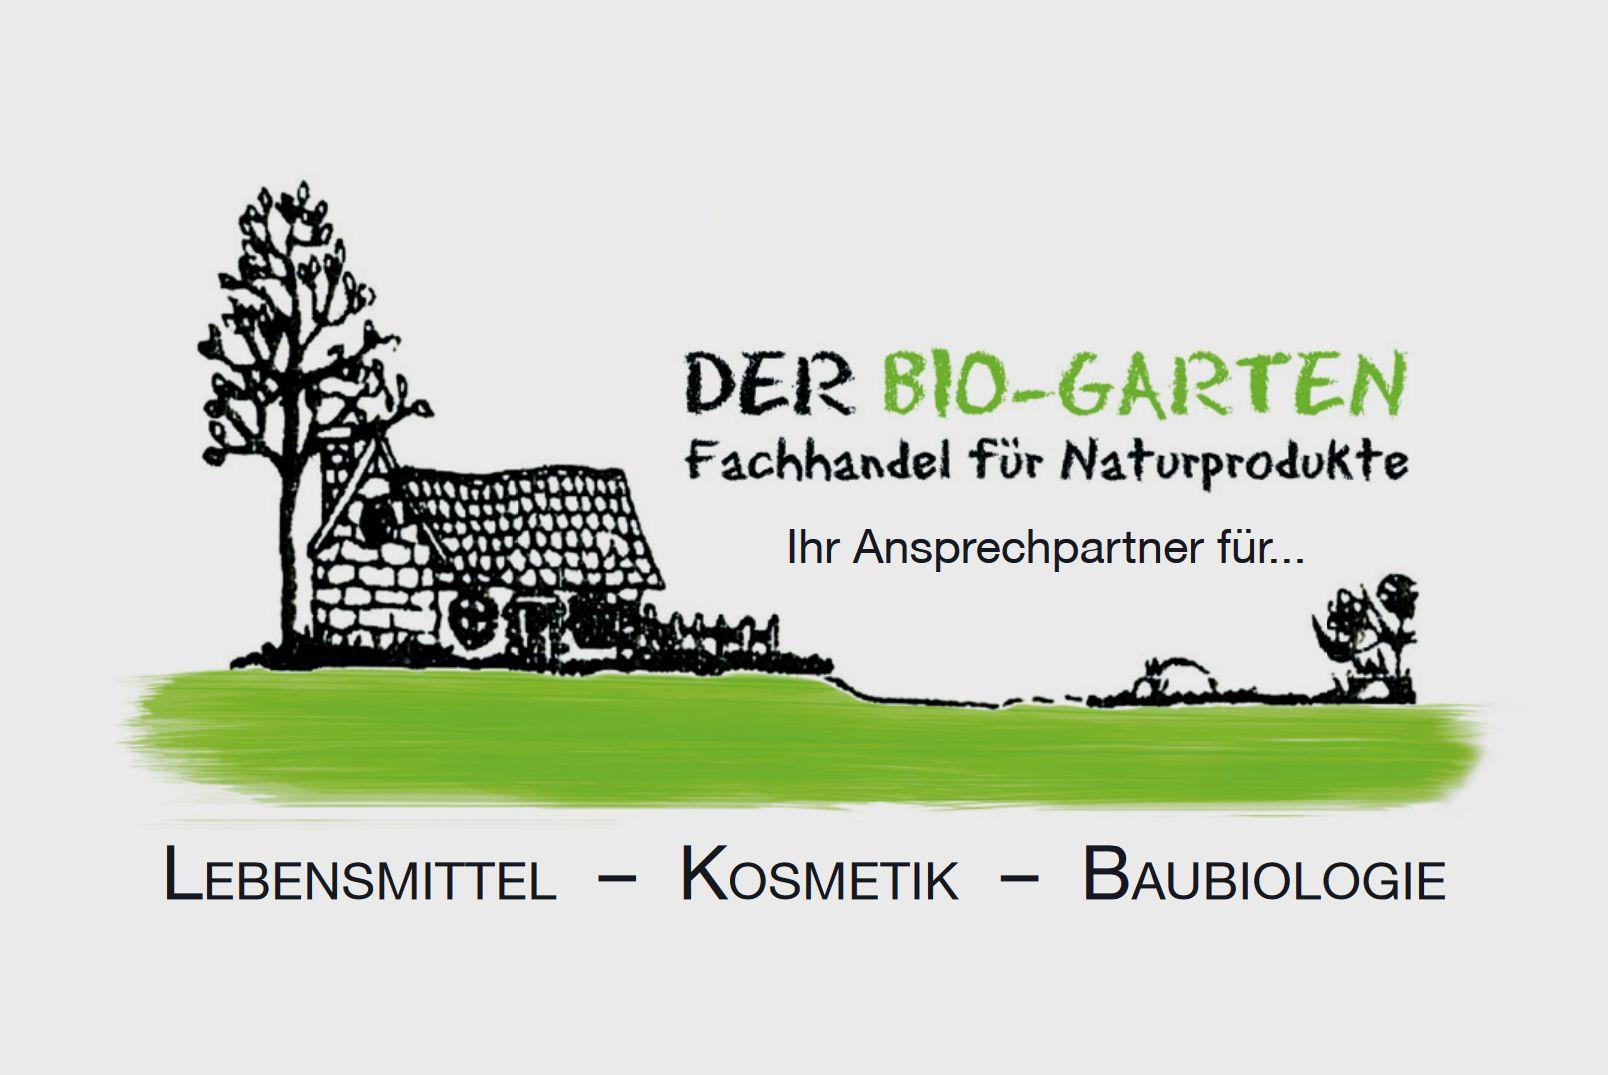 Der Bio-Garten